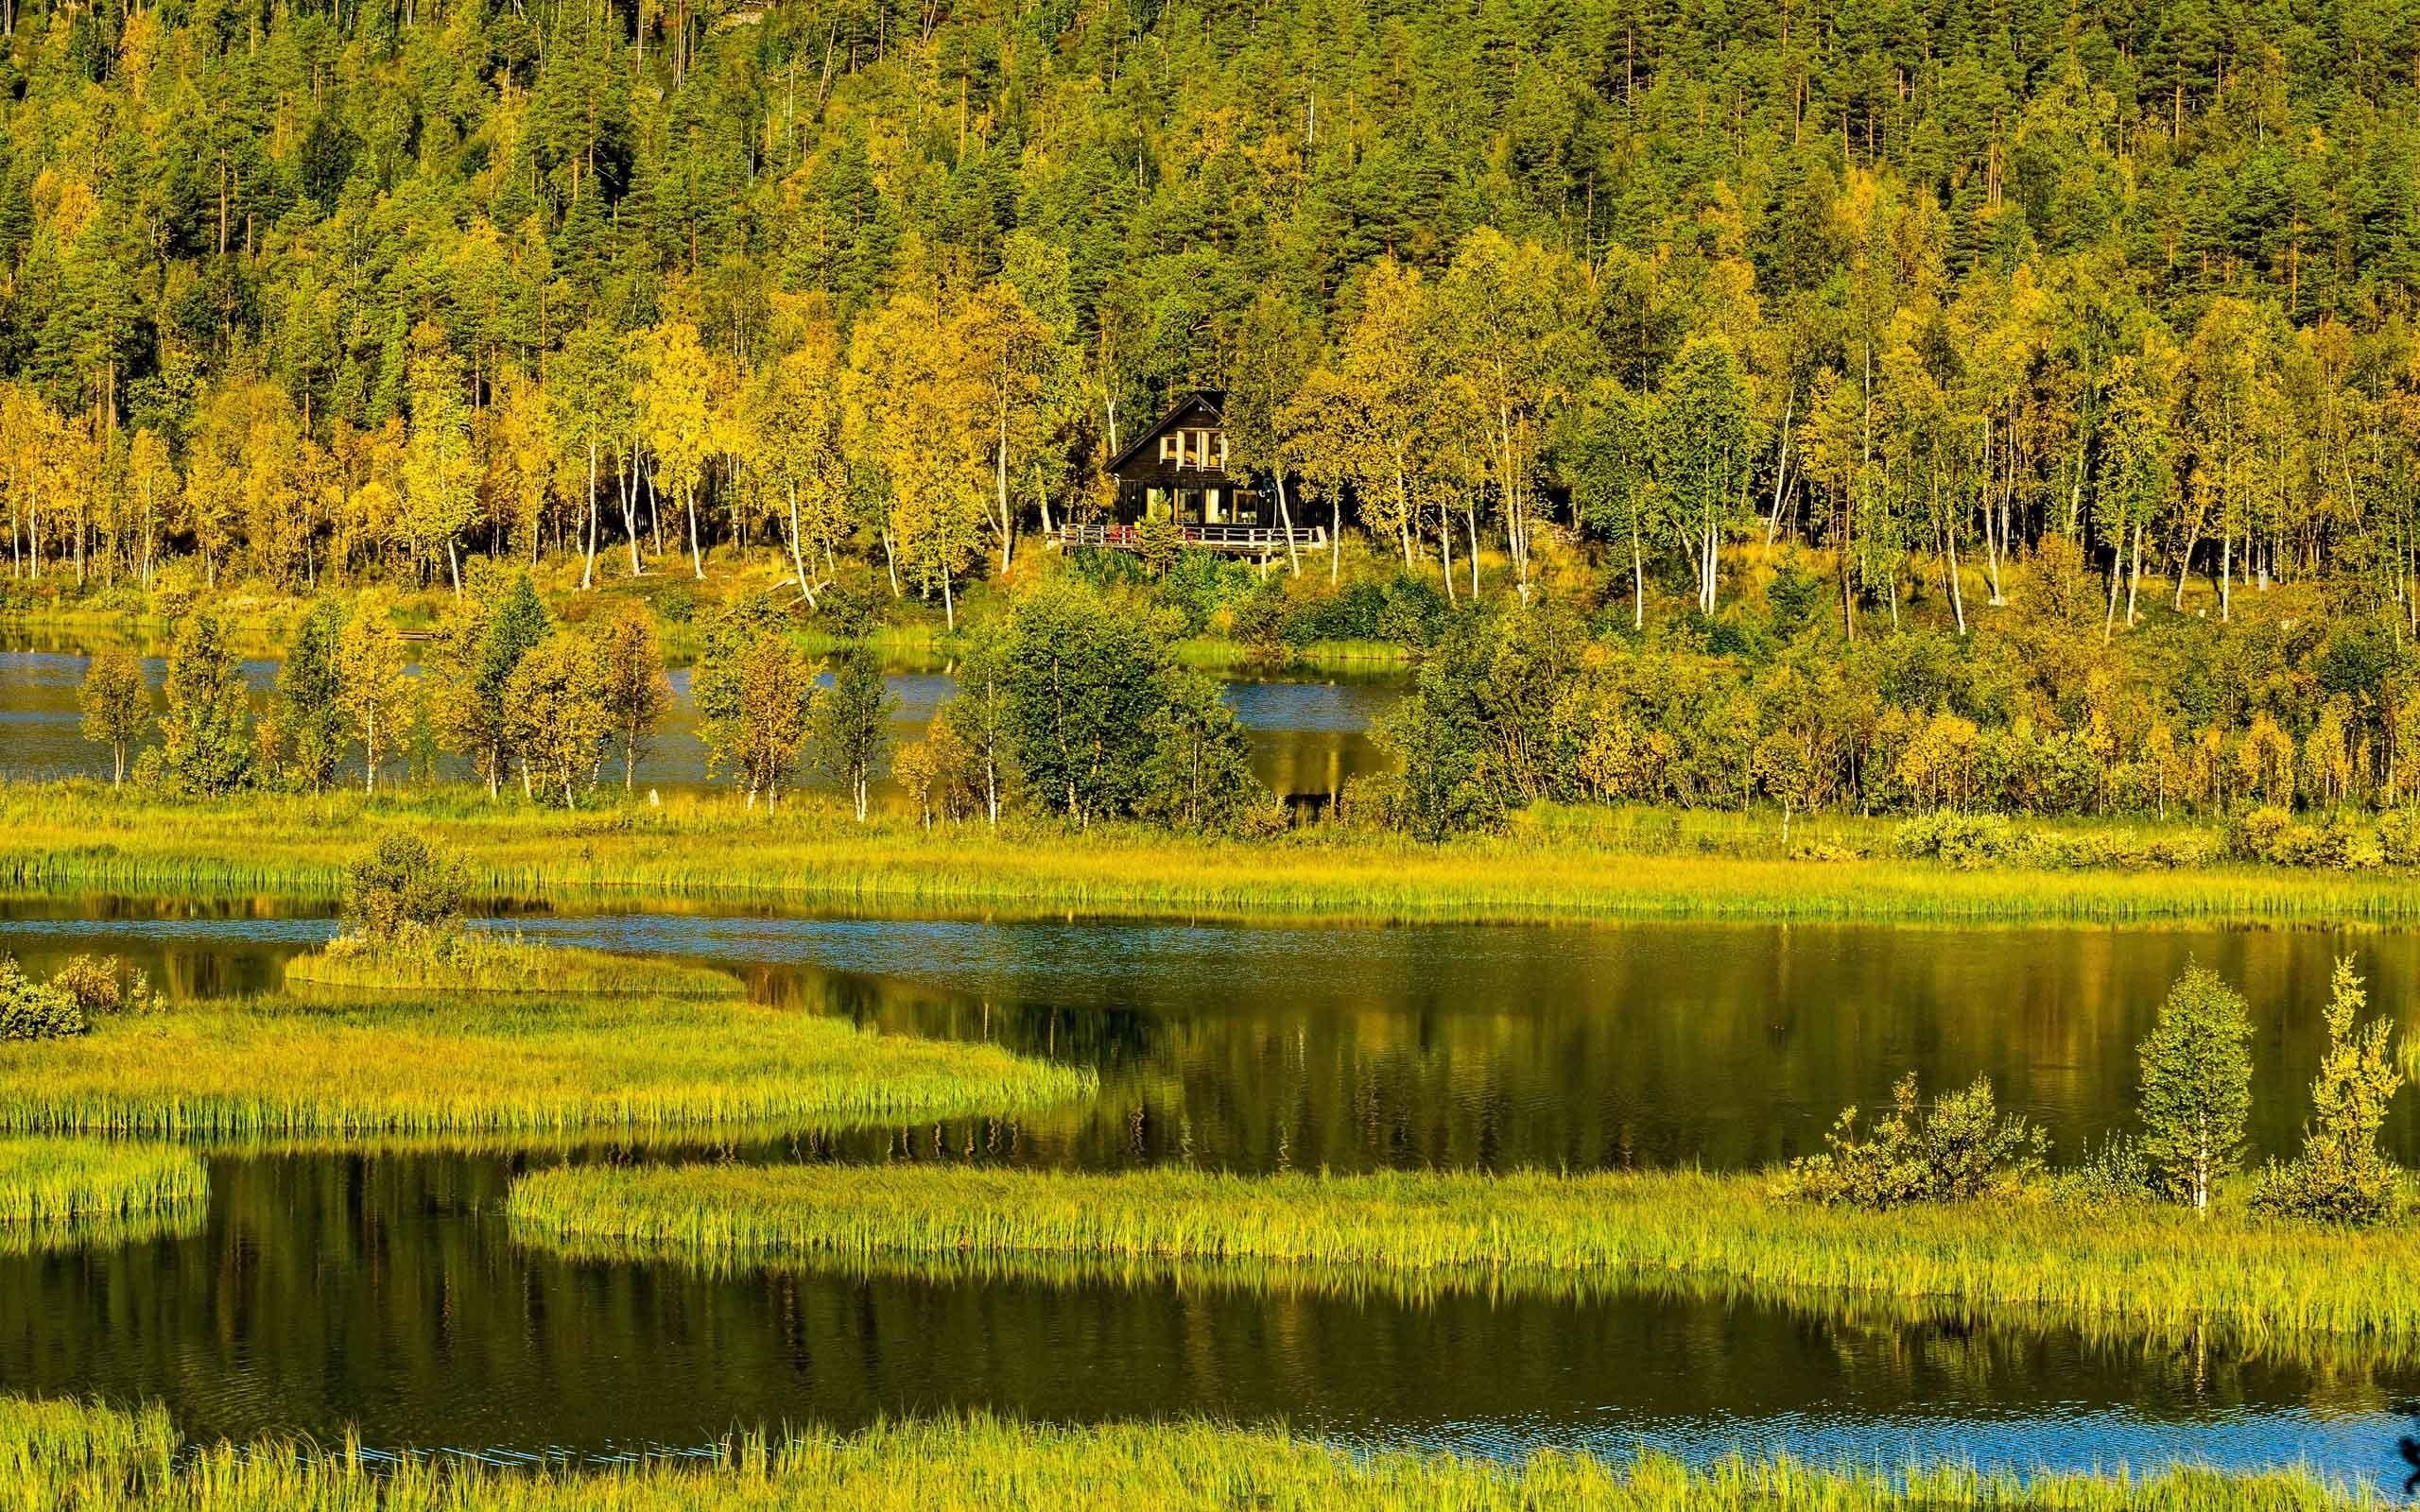 природа озеро дом лес деревья  № 2447925 бесплатно